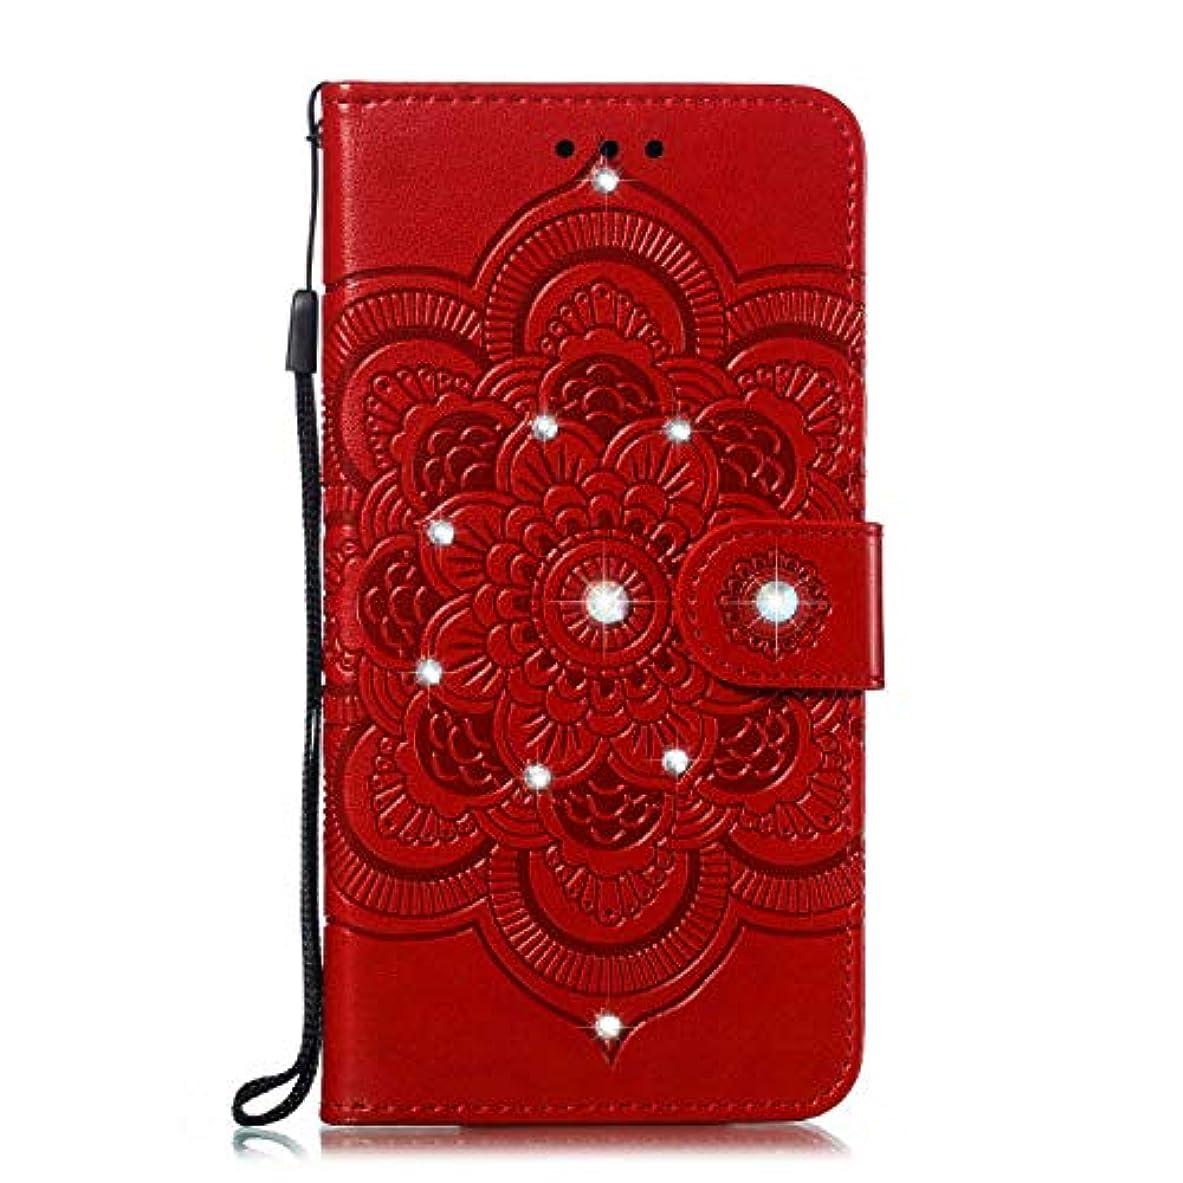 メリー空港サンダルCUNUS 高品質 合皮レザー ケース Huawei Honor 10 用, 防塵 ケース, 軽量 スタンド機能 耐汚れ カード収納 カバー, レッド